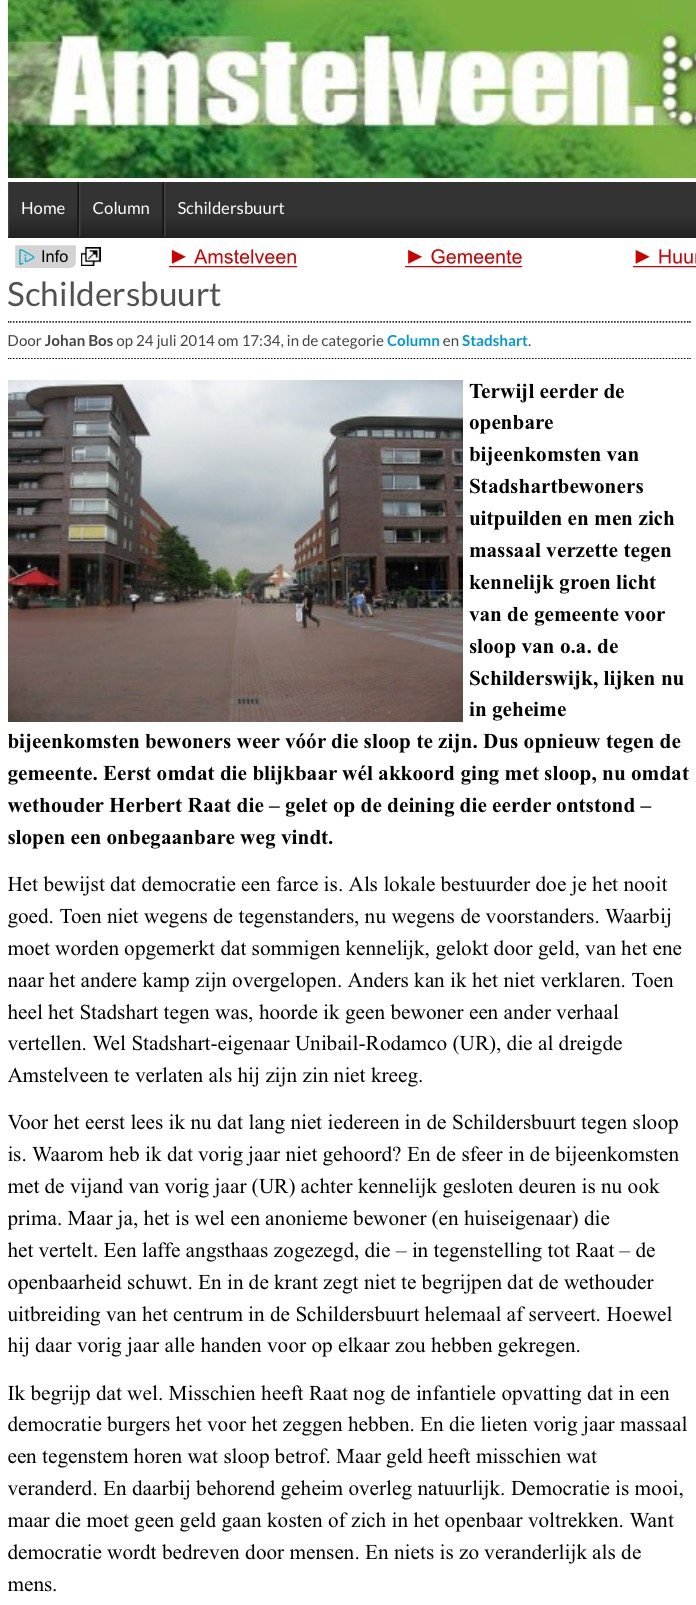 2014-24-6; AmstelveenBlog.nl: Column Johan Bos over Herbert Raat en de Schildersbuurt